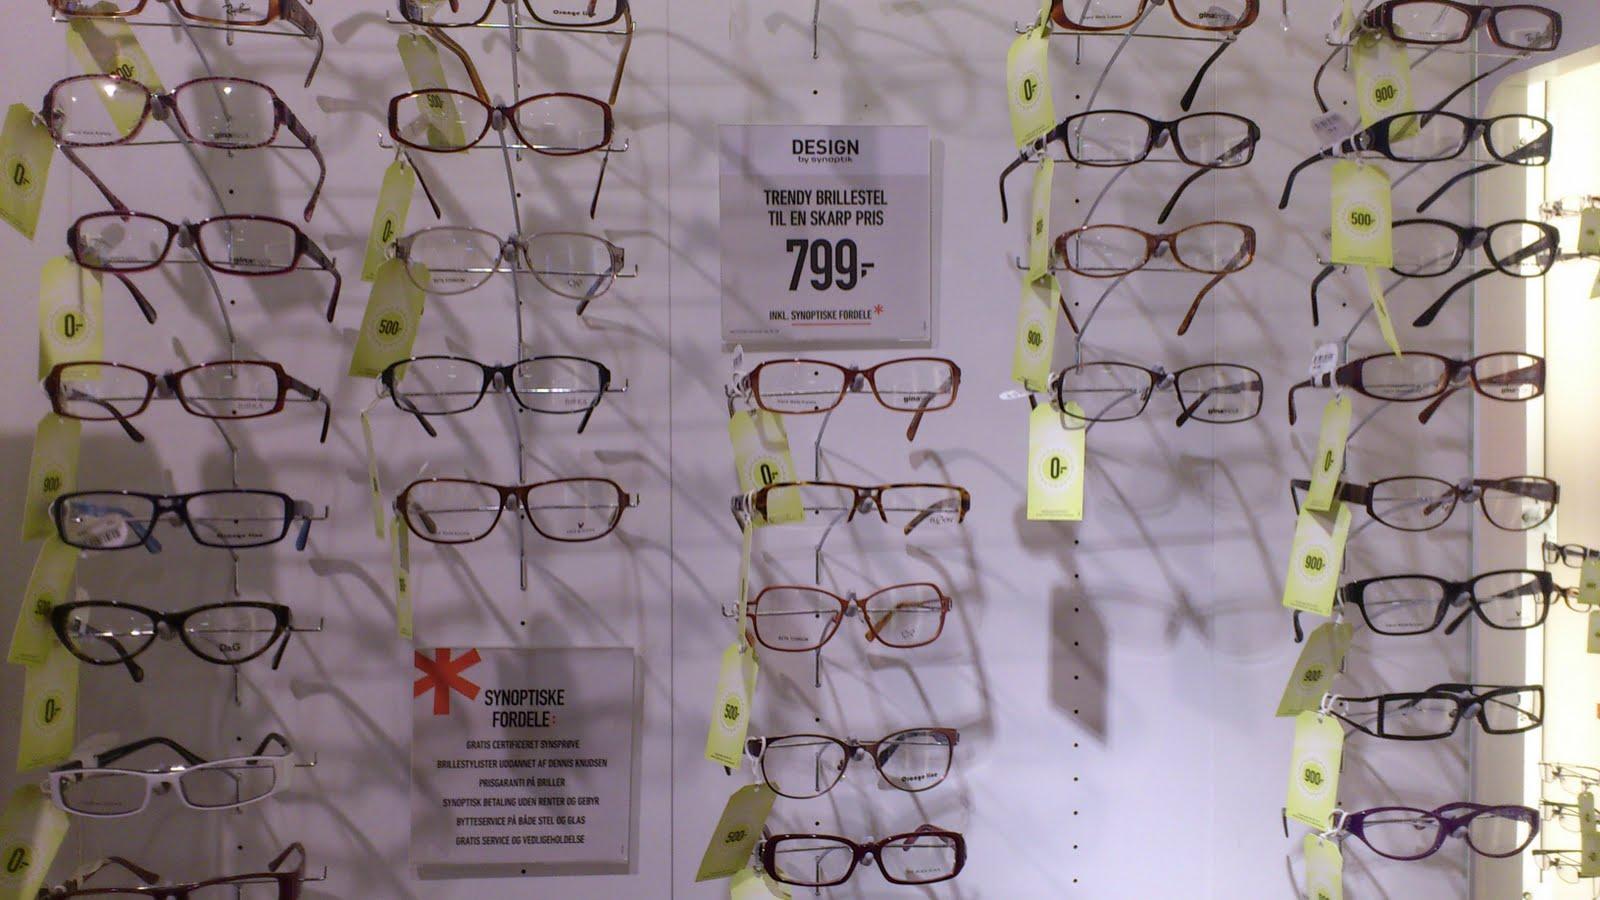 fa7931e65 Curly's syslerier: Ælle bælle... nye briller!